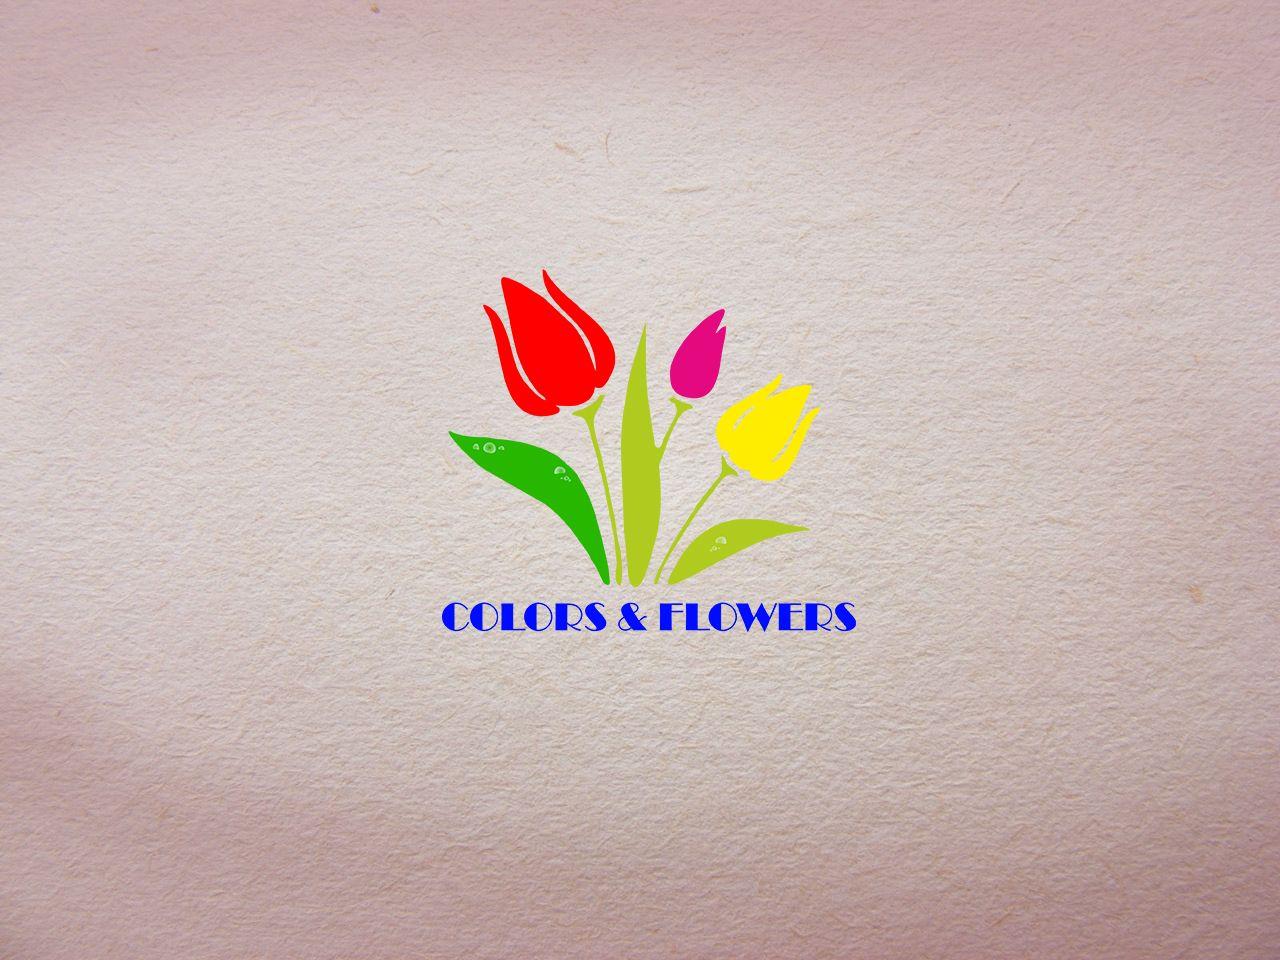 Colors & Flowers Логотип и фирменный стиль - дизайнер khanman